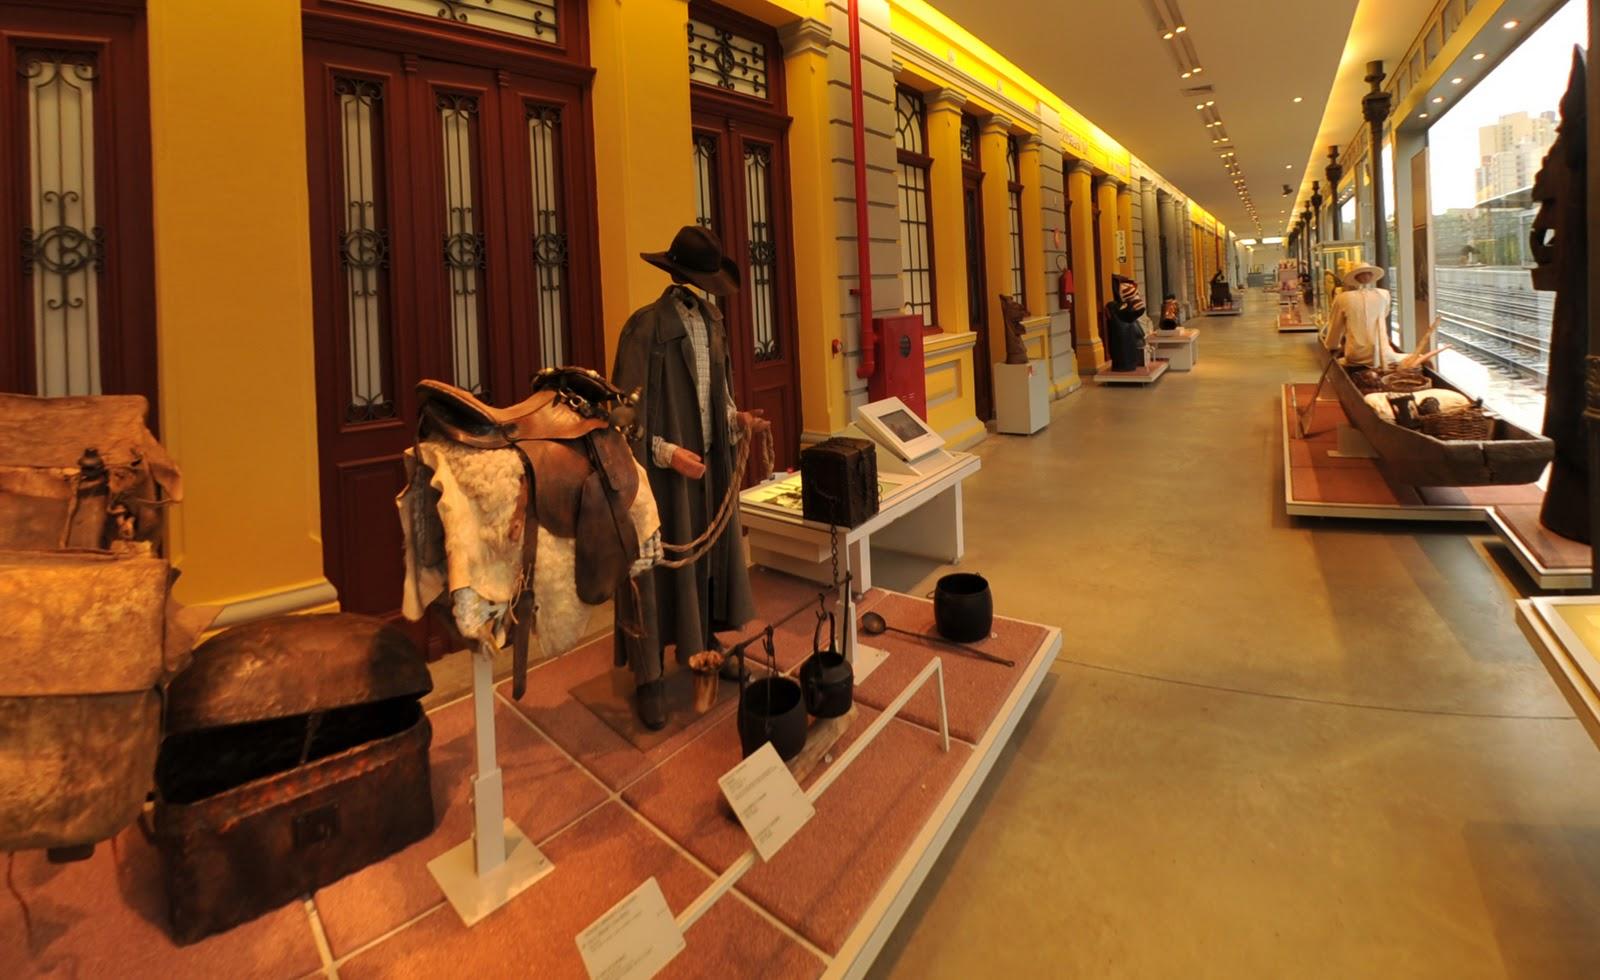 Museu de Artes e Ofícios em Belo Horizonte: Exposições